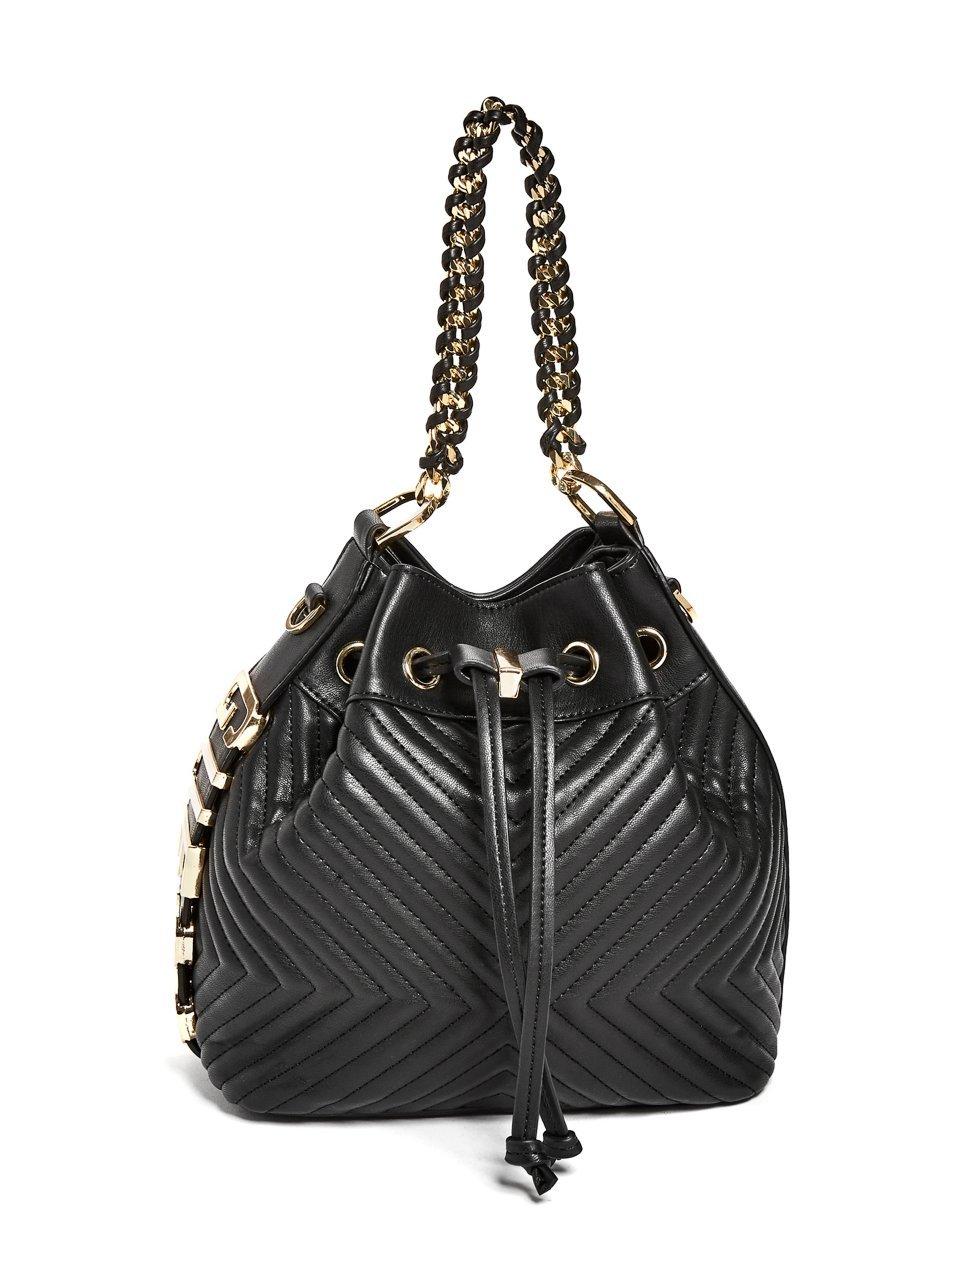 GUESS Women's Eliza Chain Mini Bucket Bag